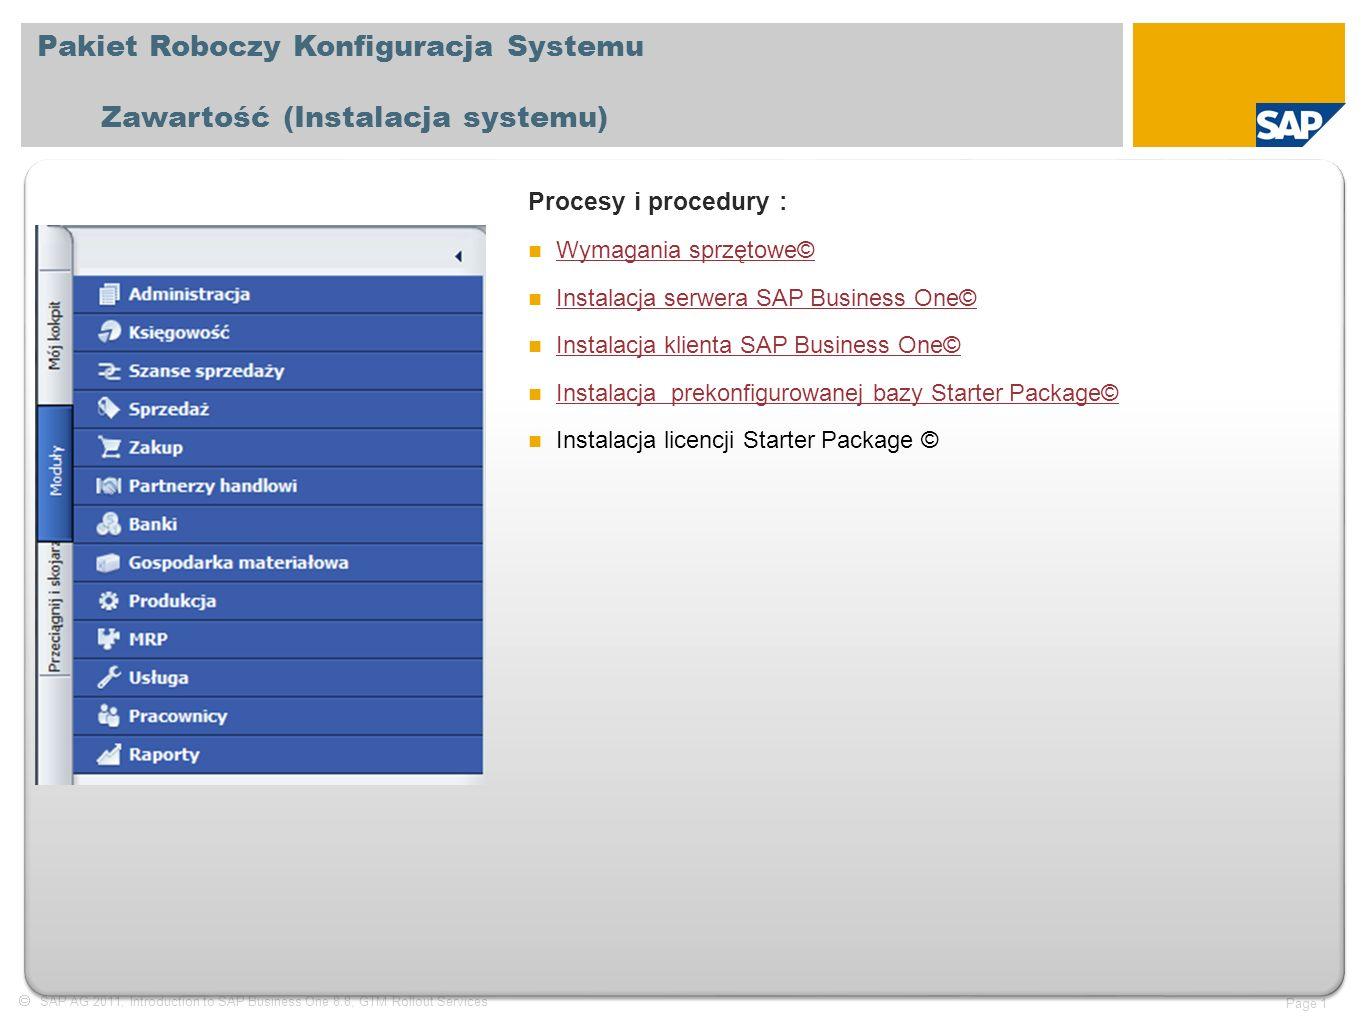  SAP AG 2011, Introduction to SAP Business One 8.8, GTM Rollout Services Page 12 Ustawienia ogólne – Partnerzy biznesowi Procesy i procedury Ogólne: Zkładka PH służy do określania ustawień domyślnych dla partnerów handlowych zdefiniowanych w danej firmie.